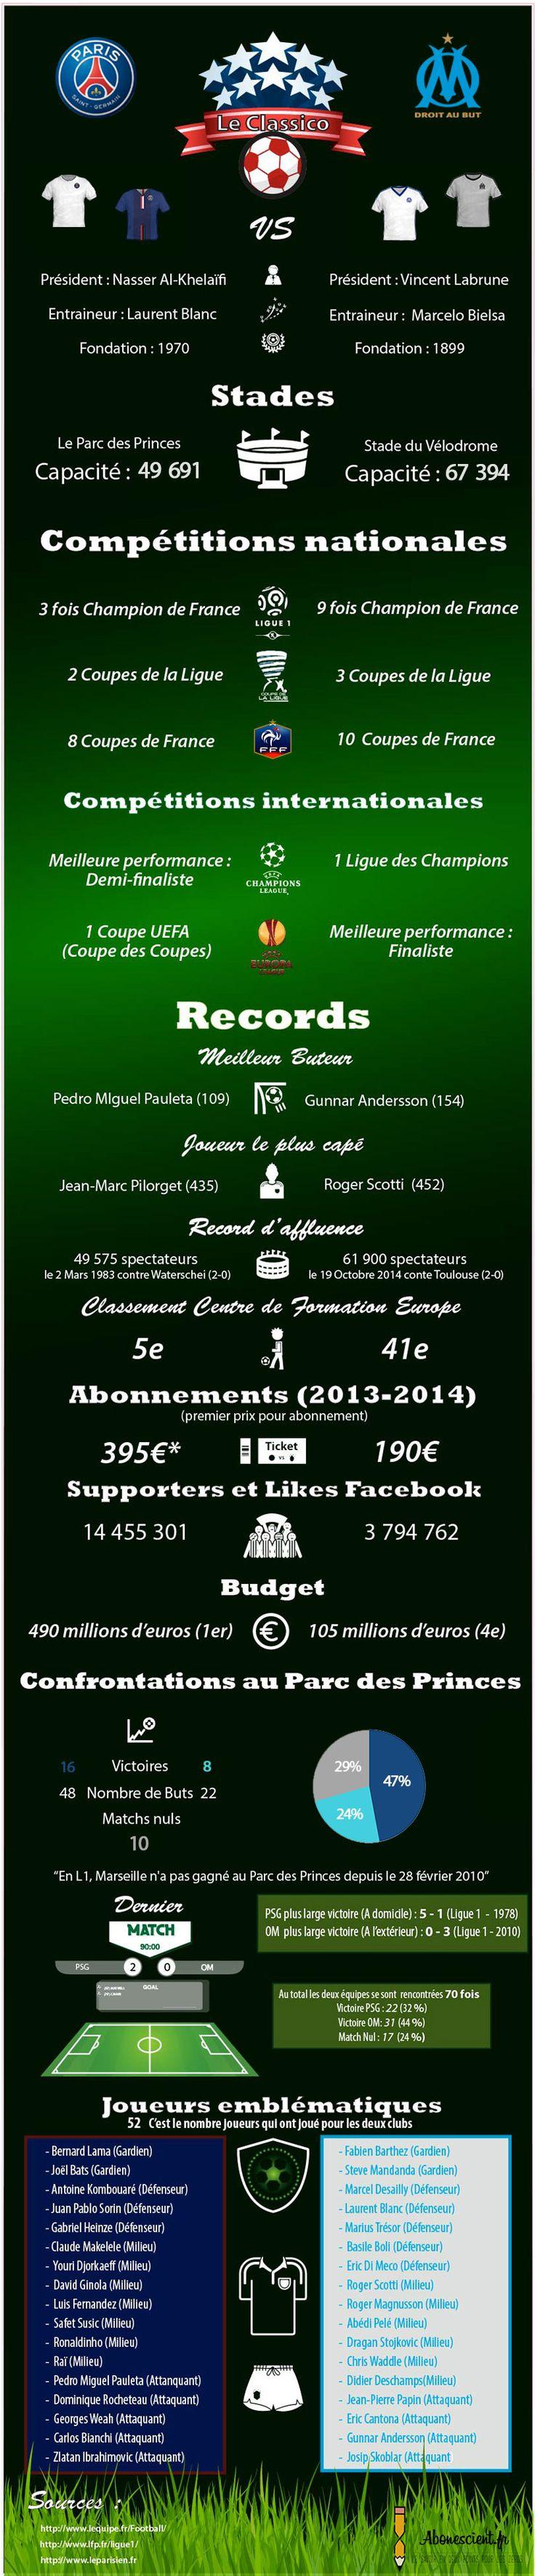 PSG-OM : #infographie du #classico. #OM #PSG #foot #ligue1 #sport